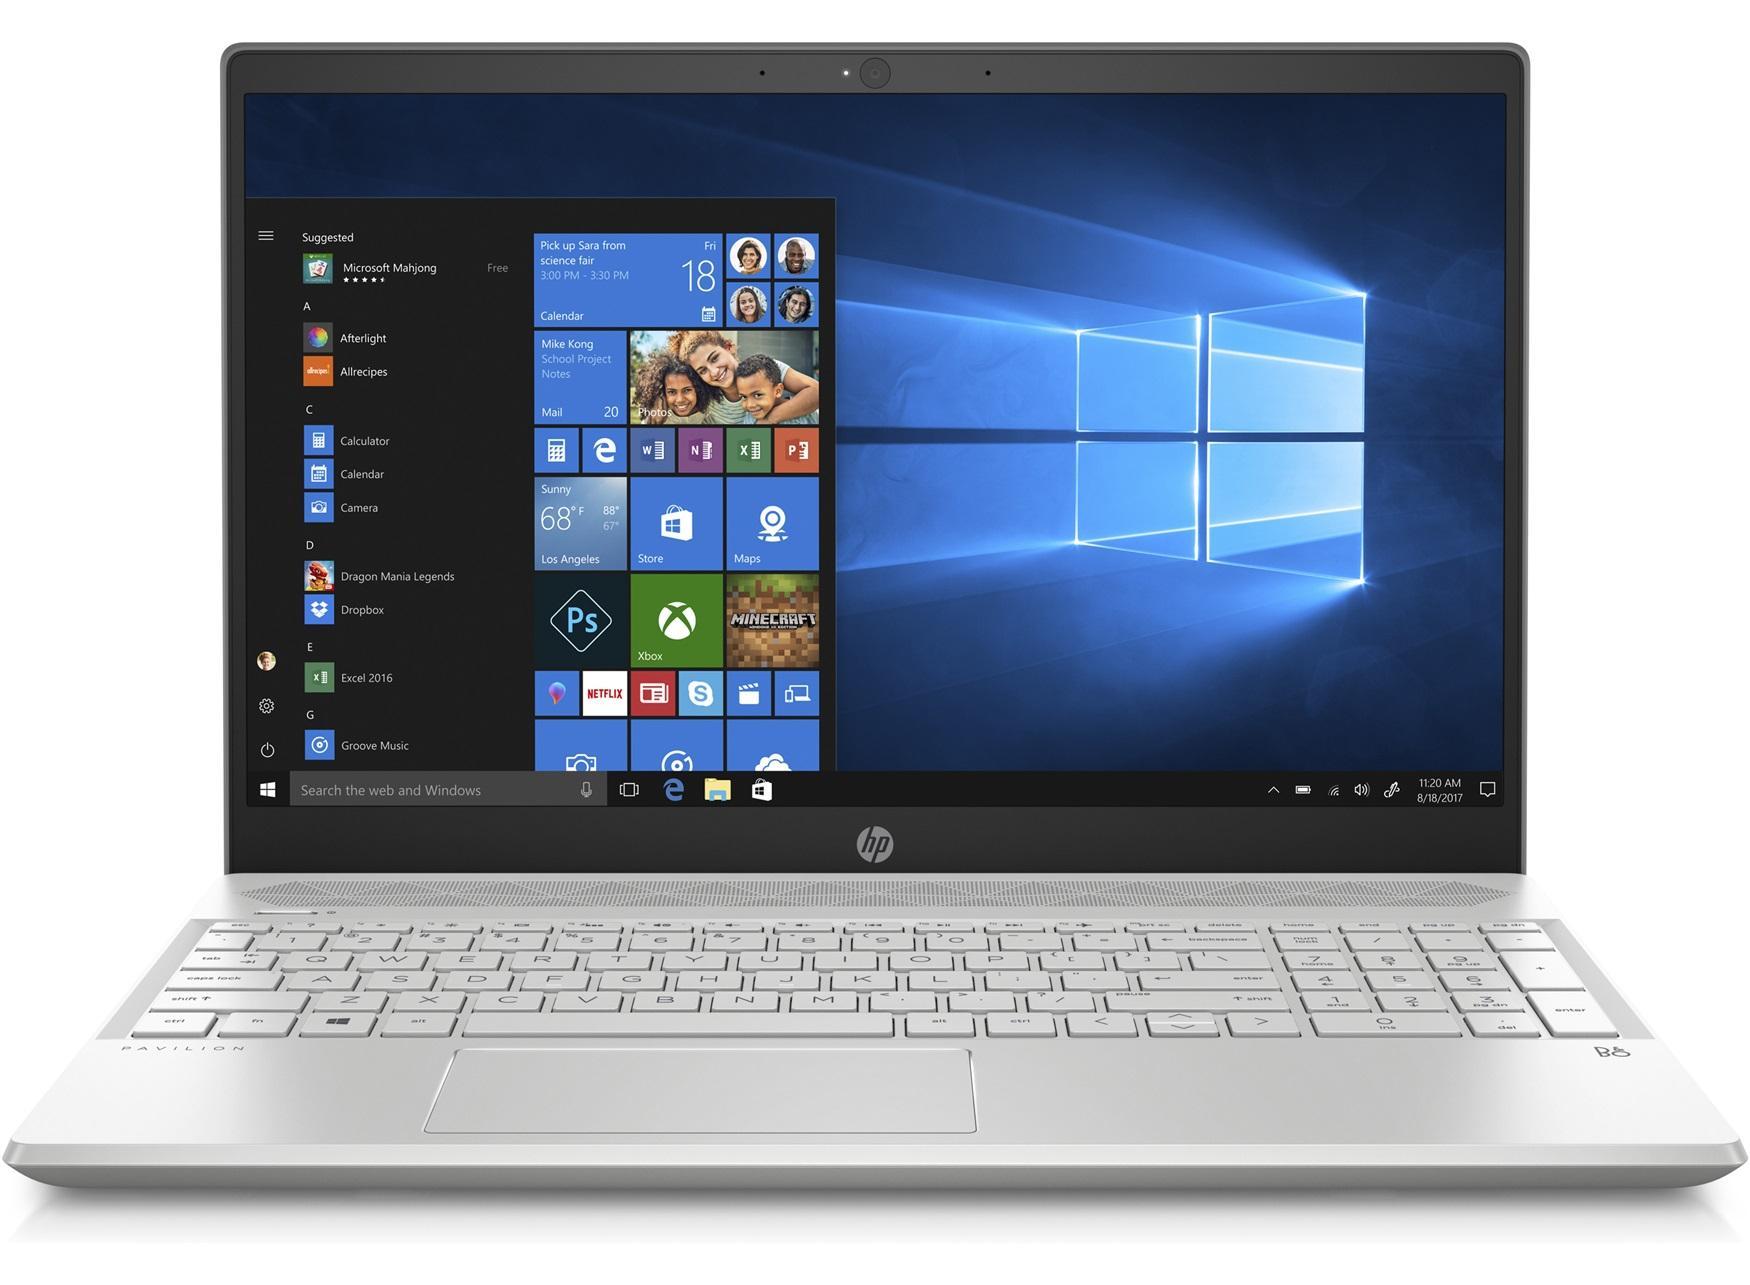 HP 15-CS0080TX PAVILION (8th Gen Intel i7-8550U Processor, 16GB RAM, NVIDIA GeForce MX150 2GB GDDR5, 256GB SSD + 1TB HDD)